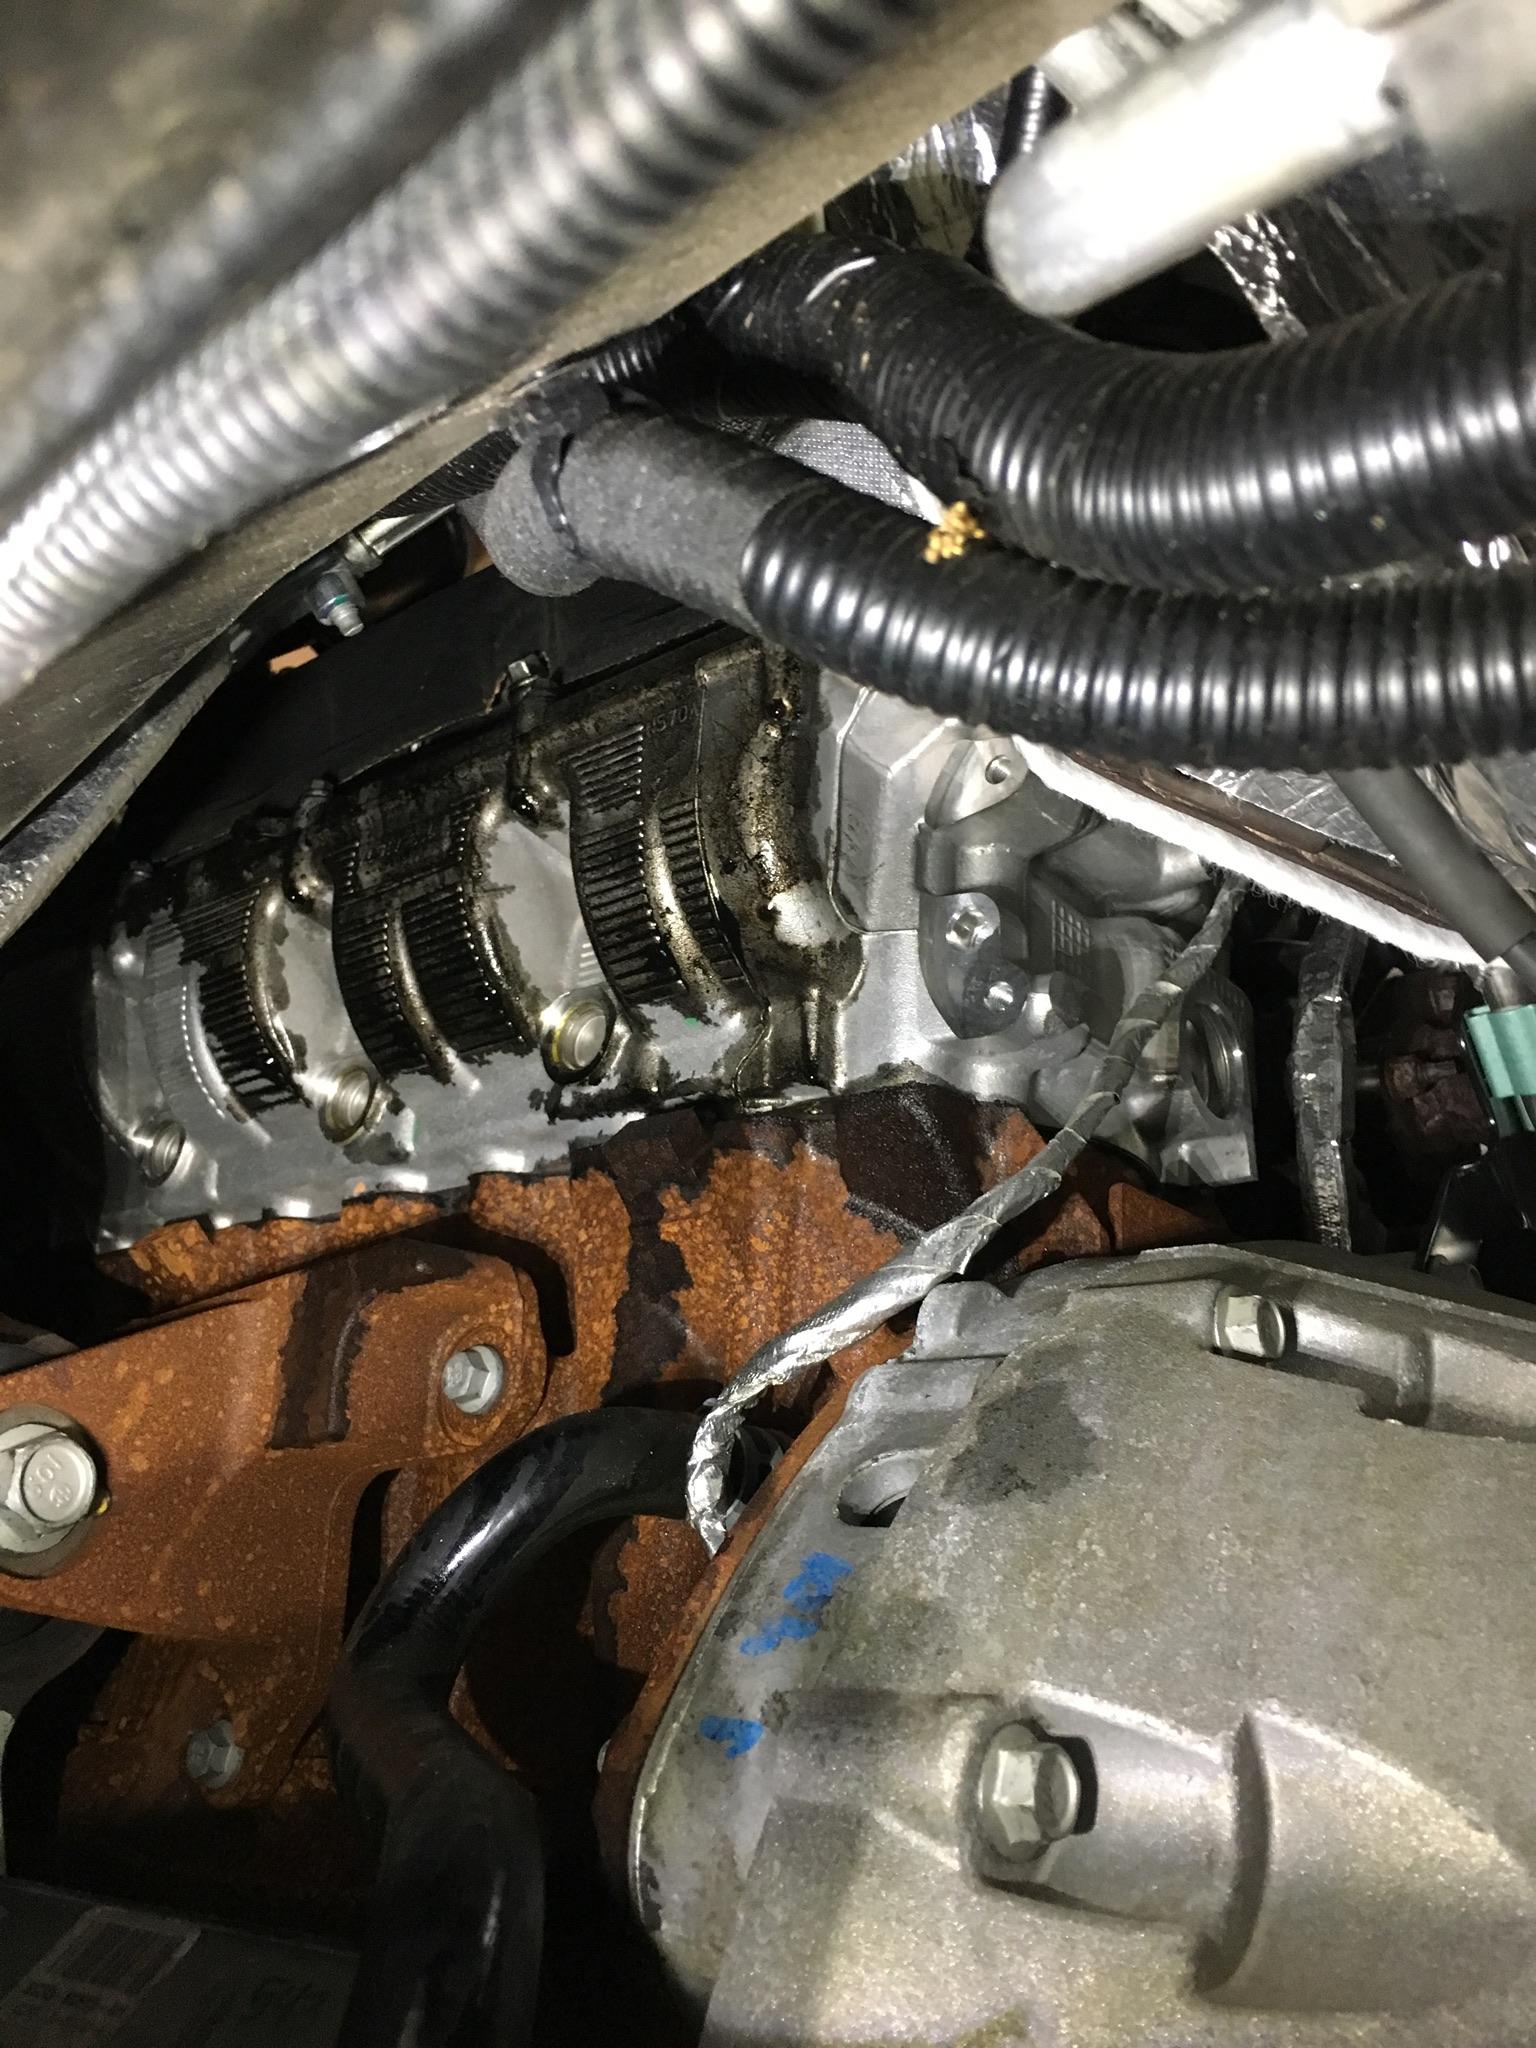 6 7 Powerstroke Problems >> '15 6.7L Oil Leak Driver Side - Ford Powerstroke Diesel Forum